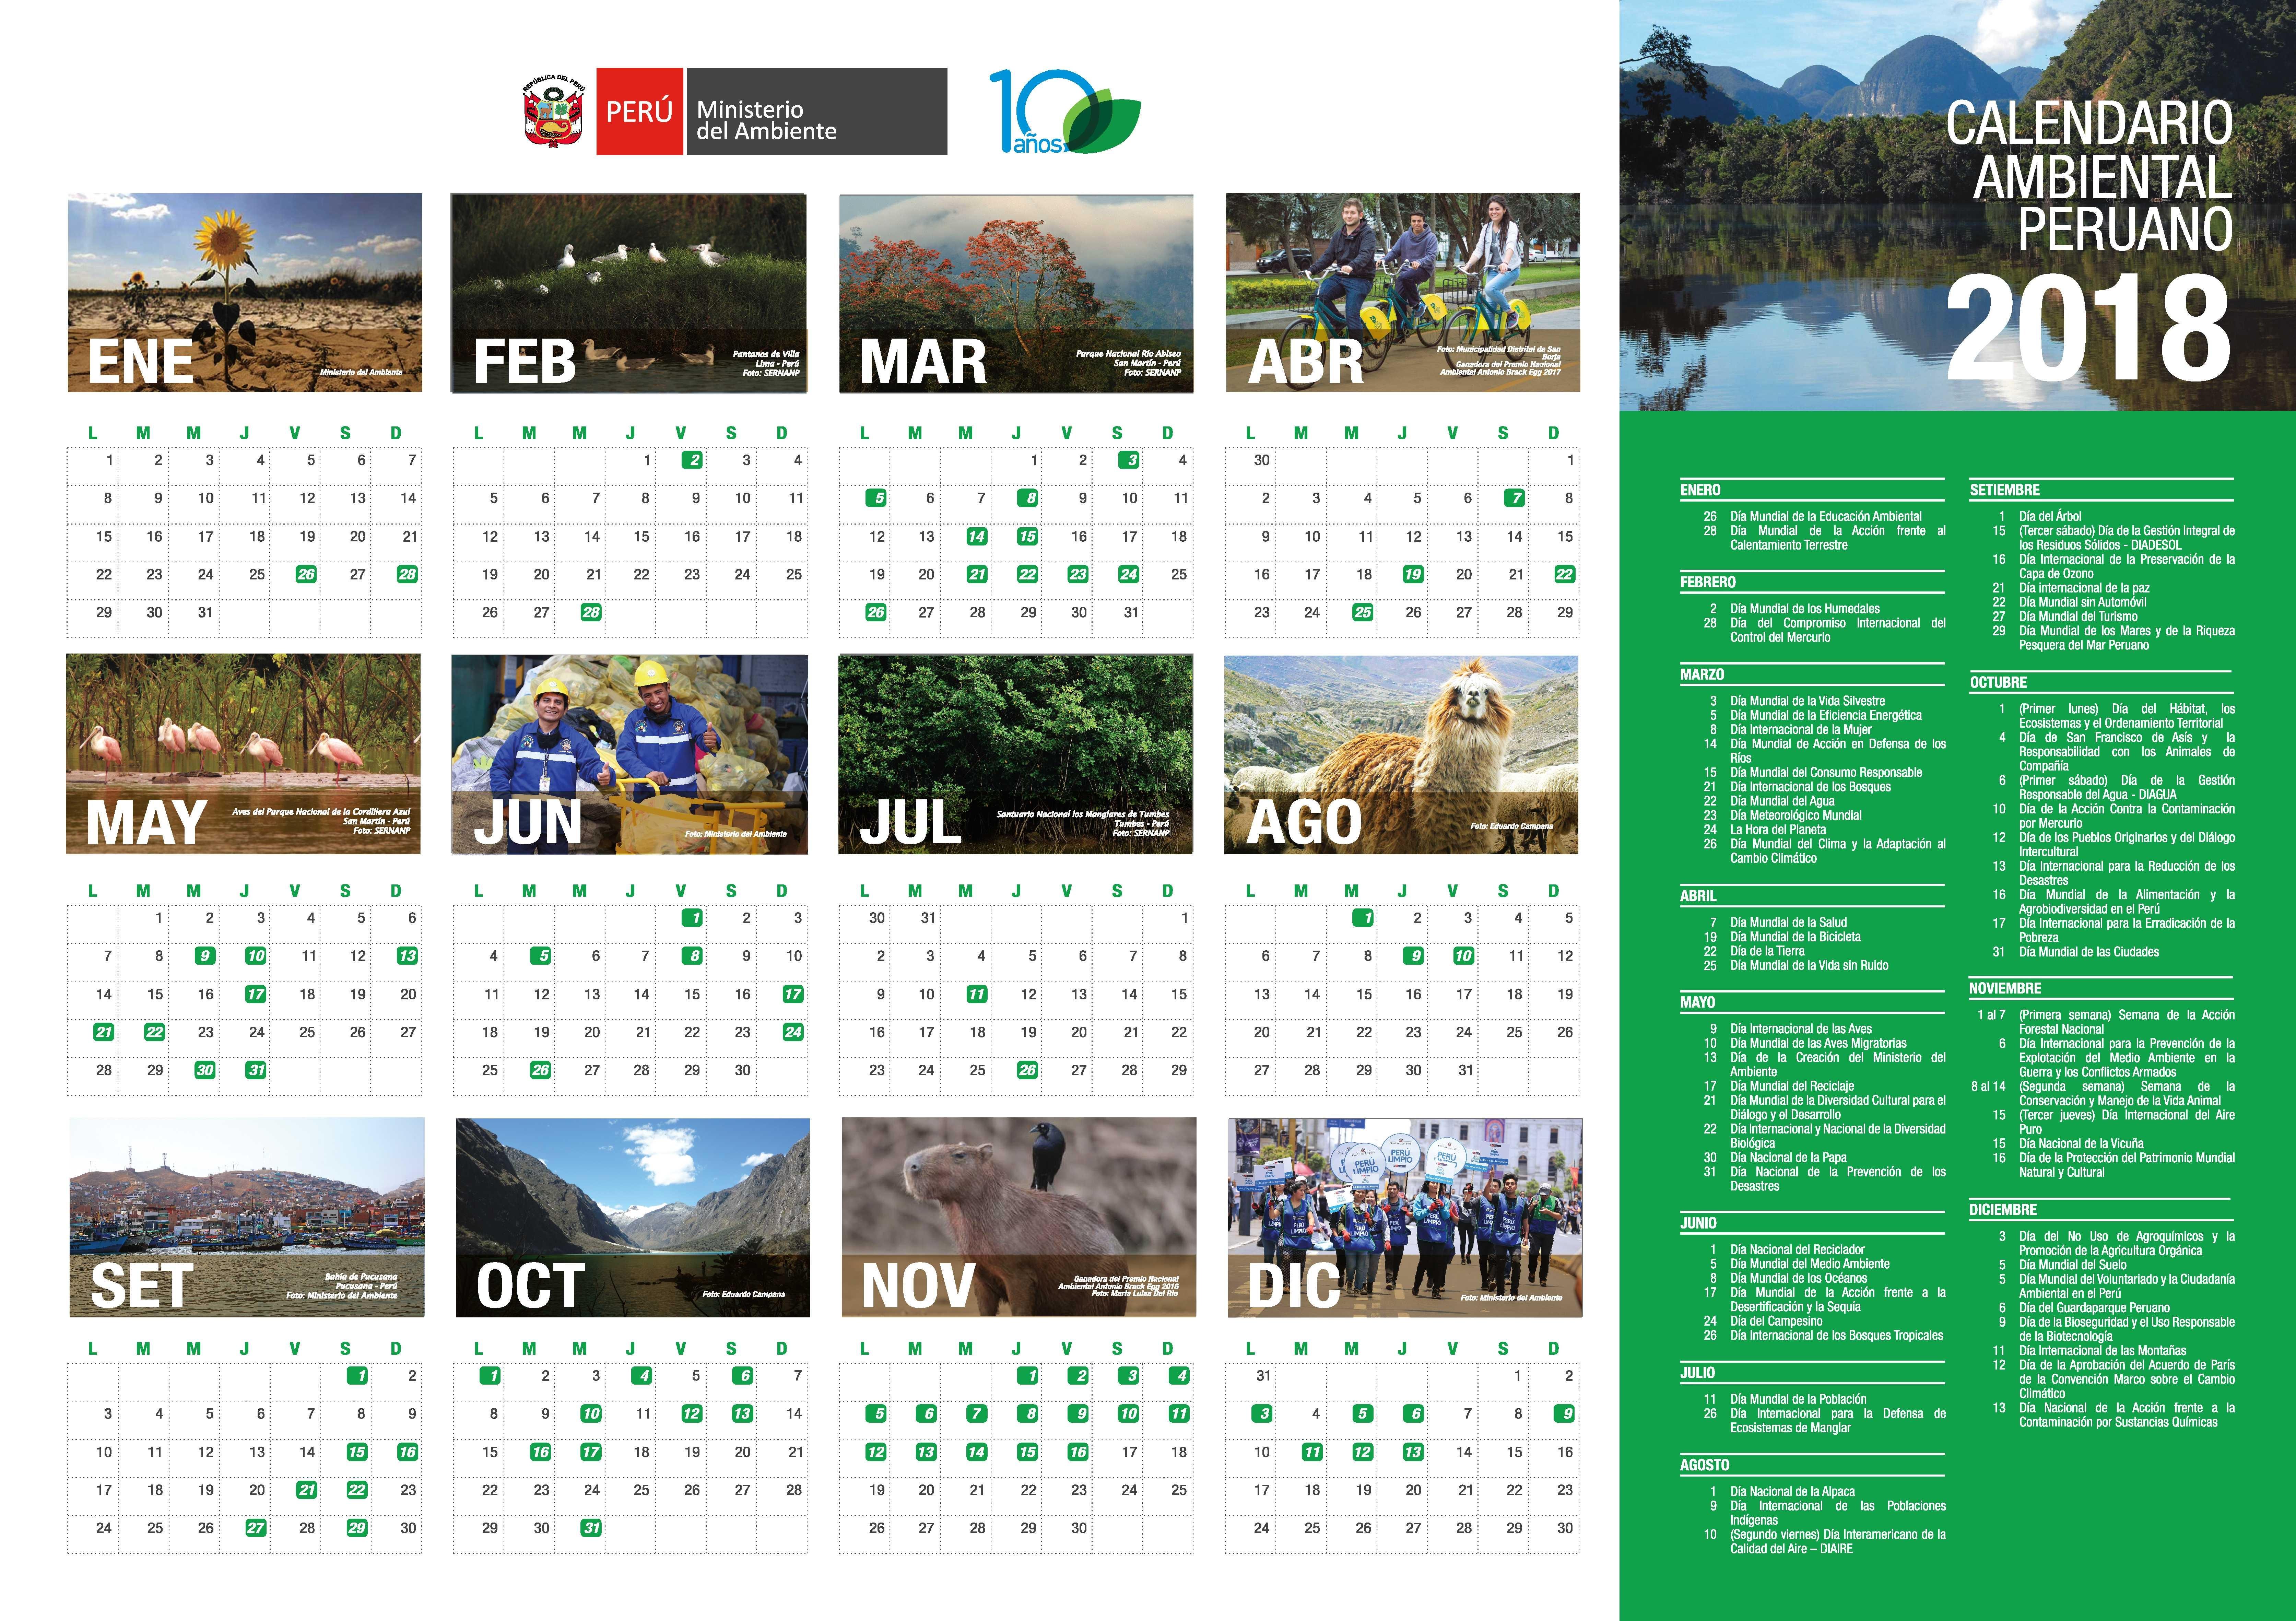 Calendario 2019 Argentina Para Imprimir Excel Más Actual Calendario Ambiental Of Calendario 2019 Argentina Para Imprimir Excel Más Arriba-a-fecha formato De Calendarios Kordurorddiner